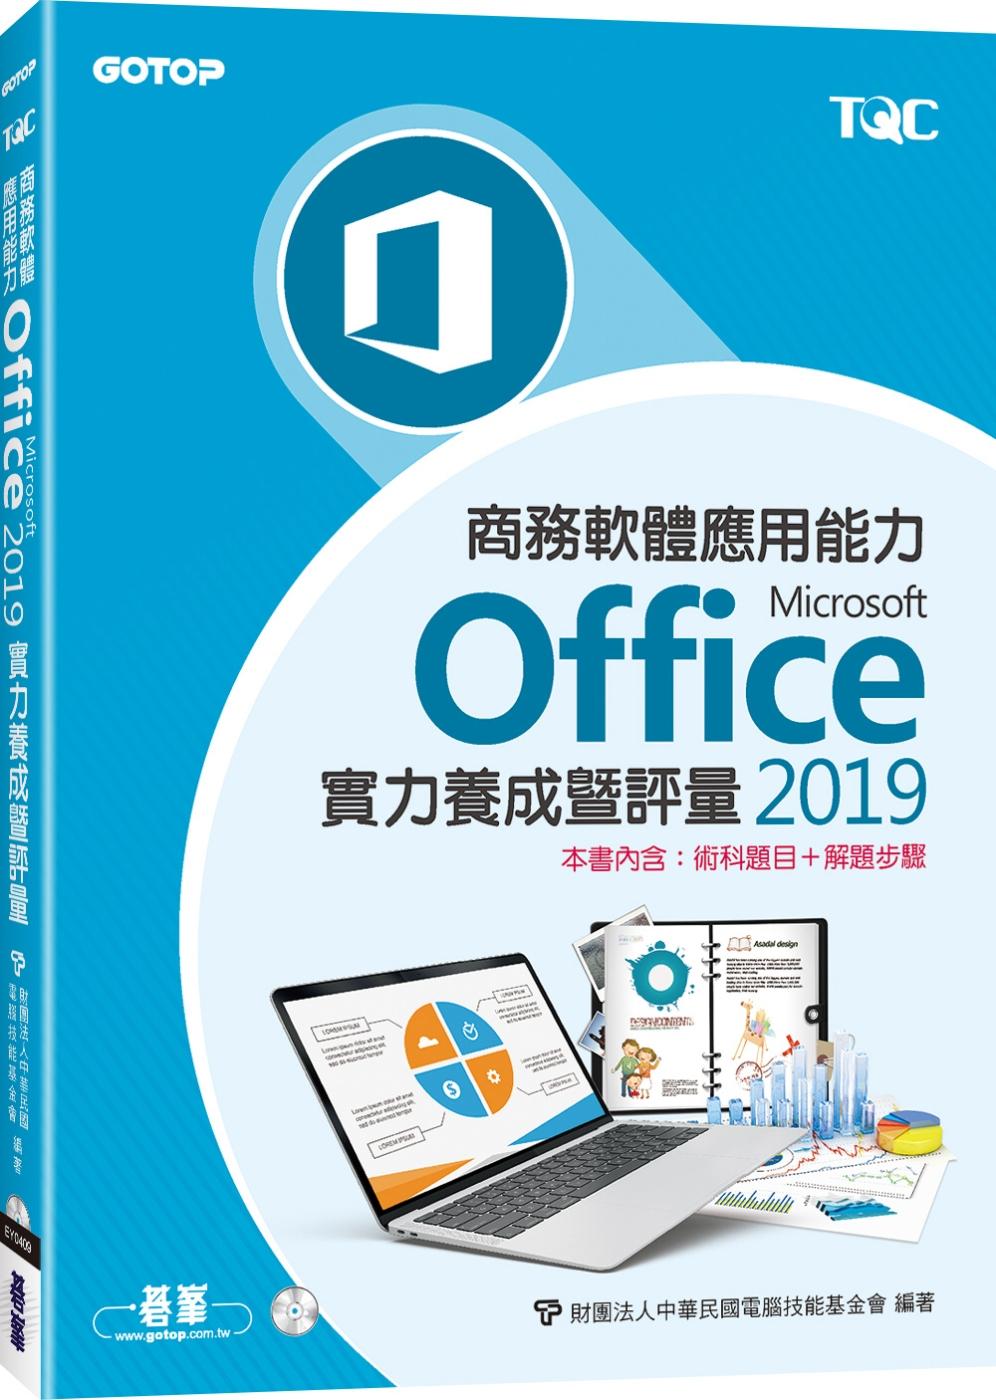 商務軟體應用能力Microsoft Office 2019實力養成暨評量〈本書內含:術科題目+解題步驟〉